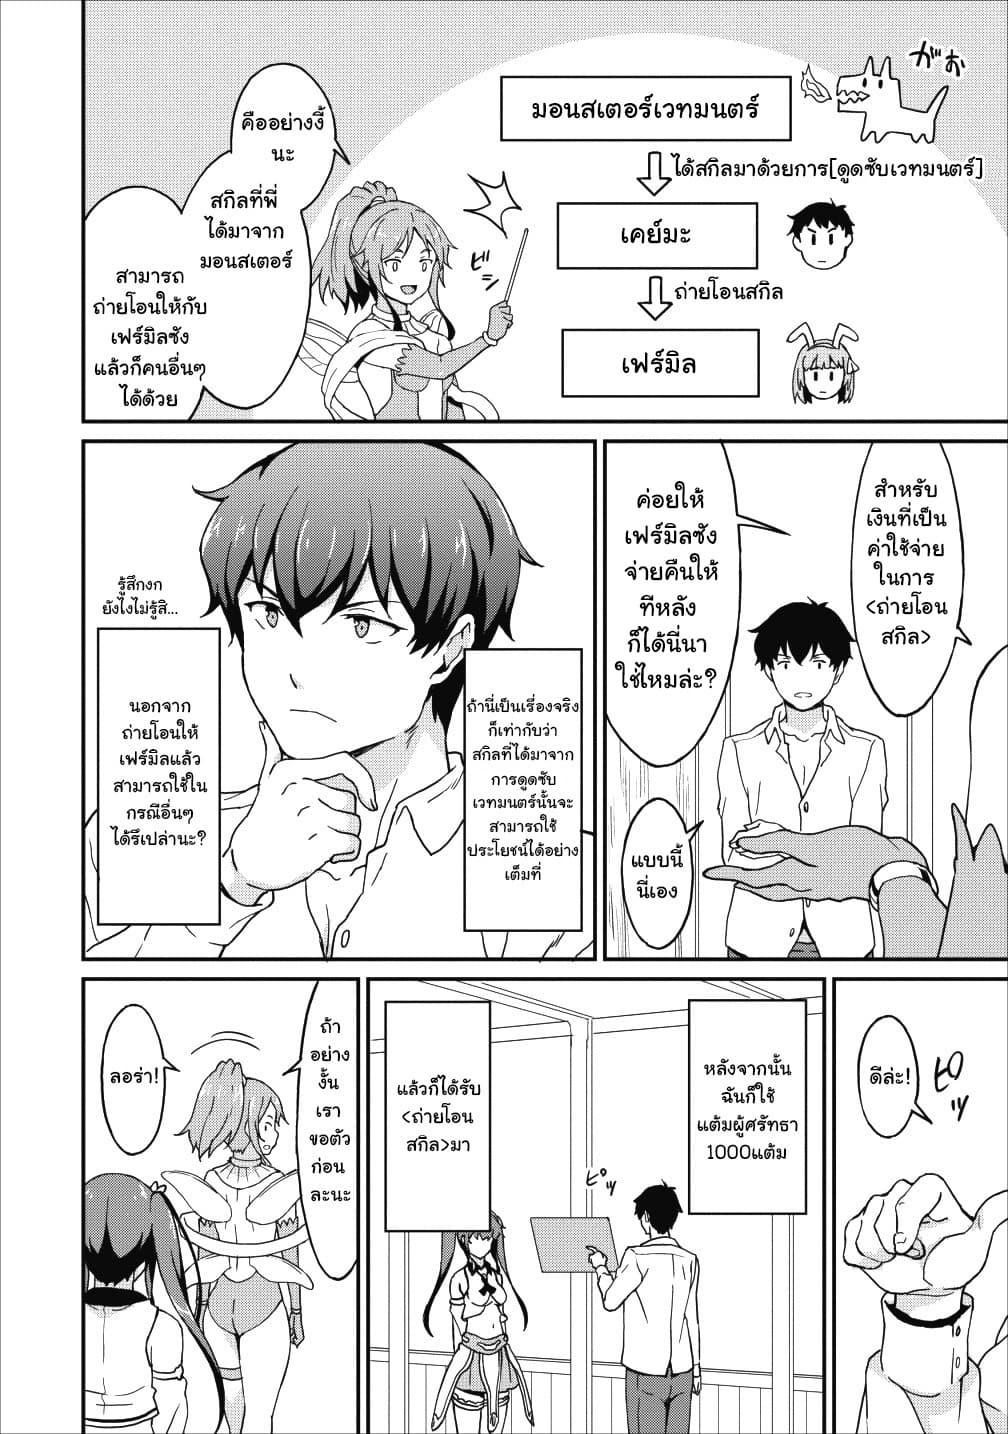 อ่านการ์ตูน Taberu Dake de Level-Up! Damegami to Issho ni Isekai Musou ตอนที่ 9 หน้าที่ 21